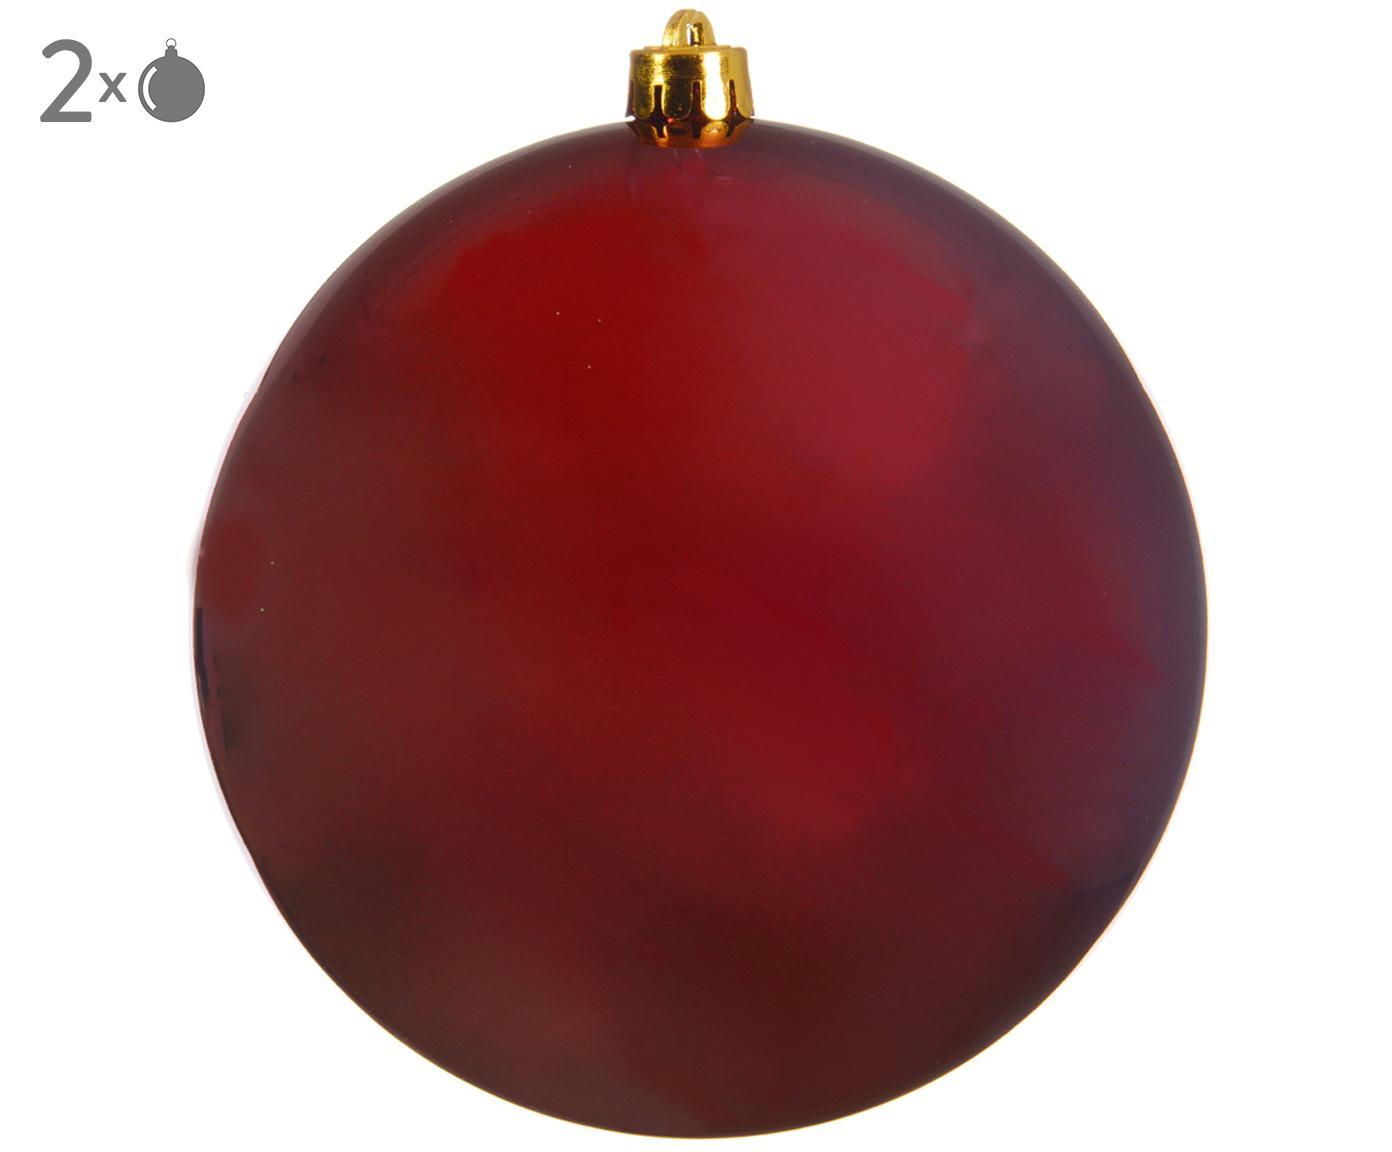 Kerstballen Minstix, 2 stuks, Kunststof, Rood, Ø 14 cm